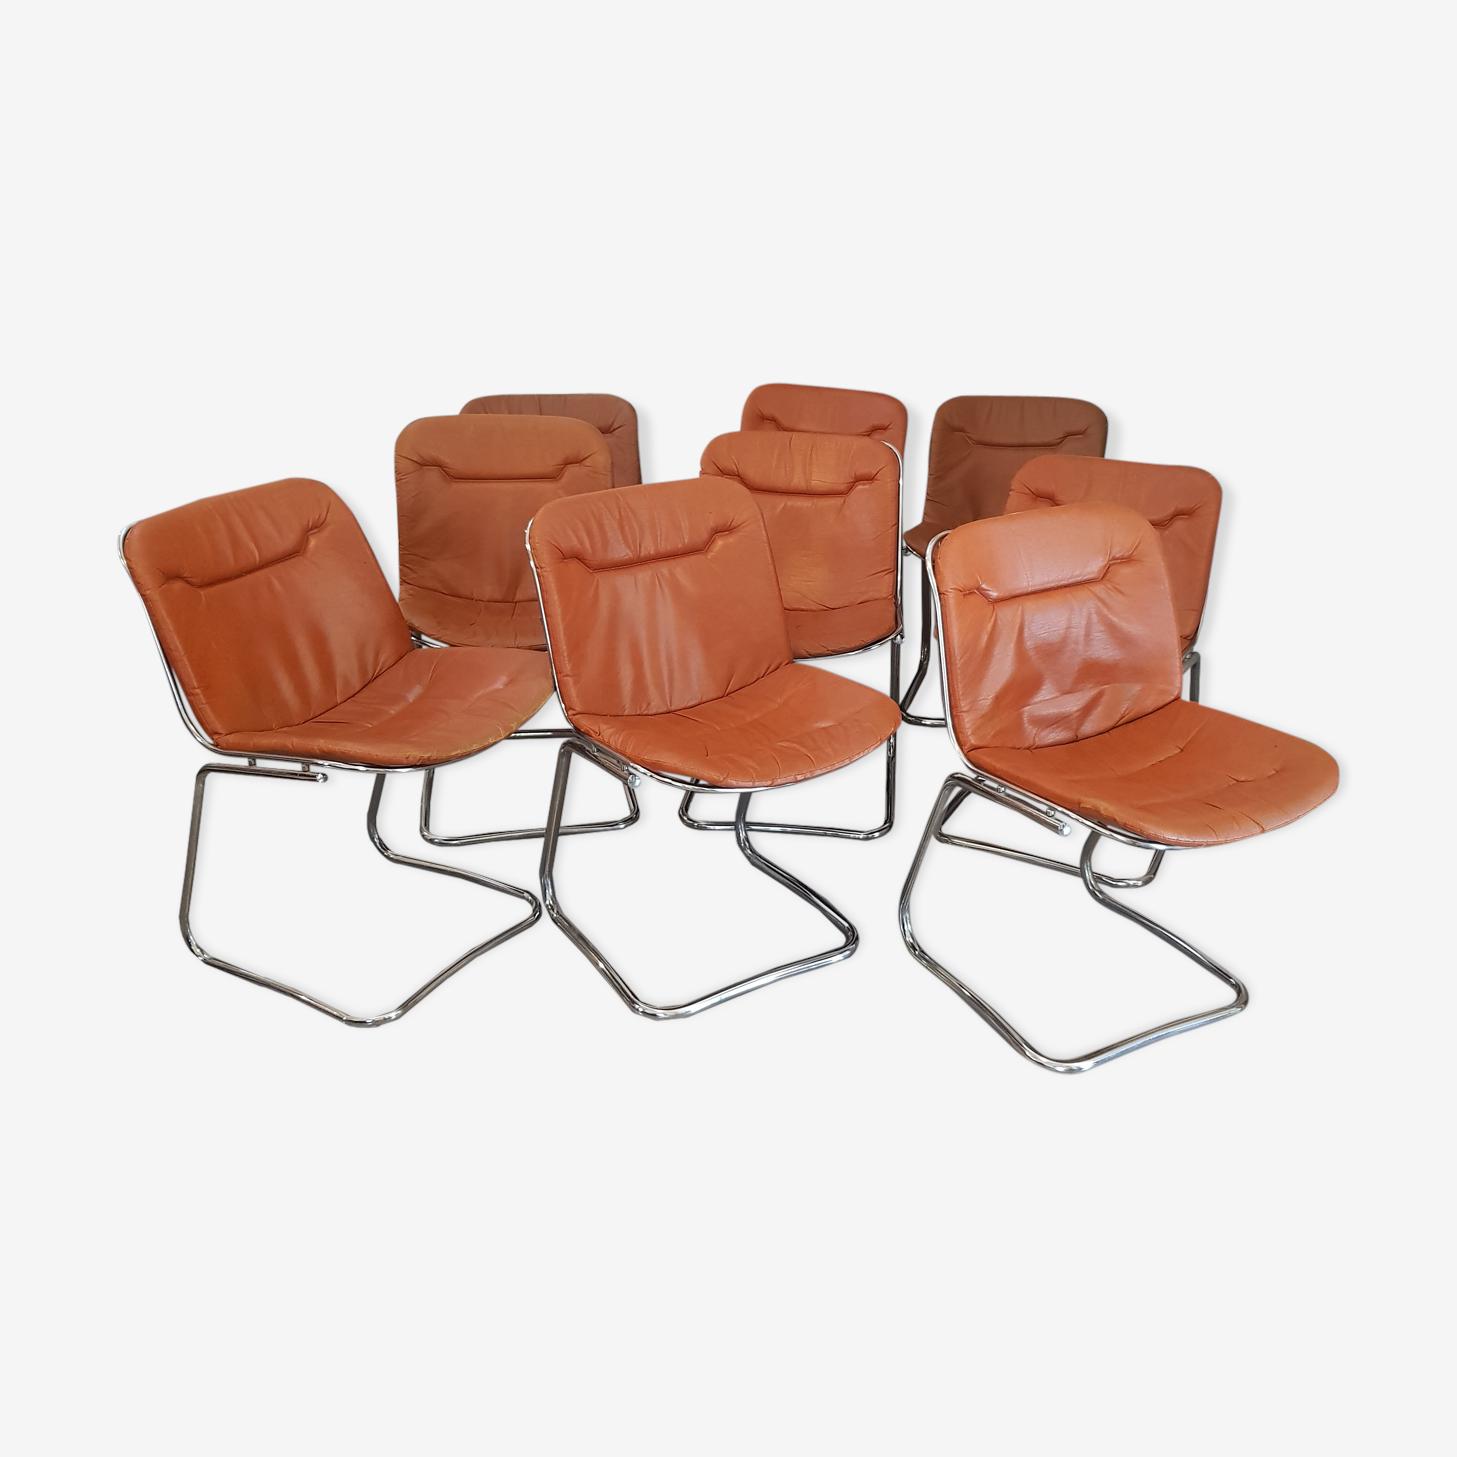 Set de 9 chaises chromé 1970